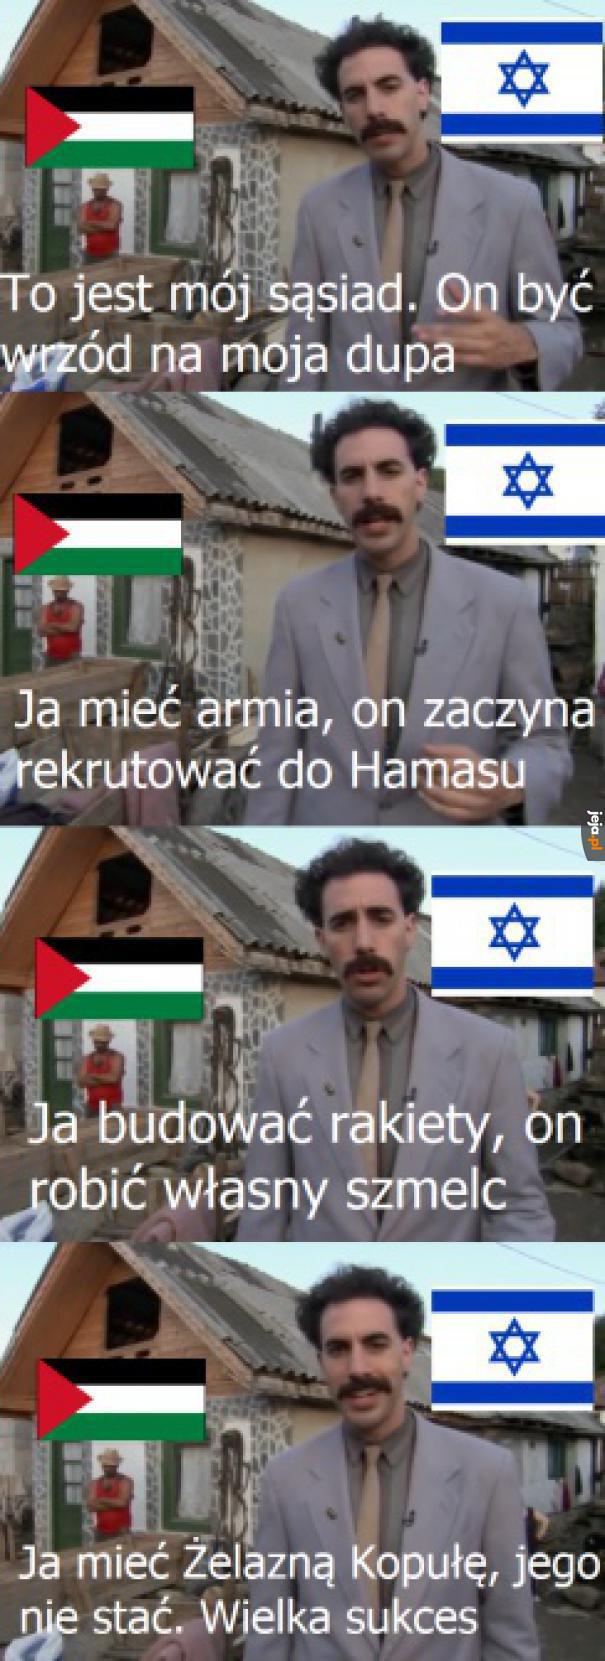 Tymczasem na Bliskim Wschodzie